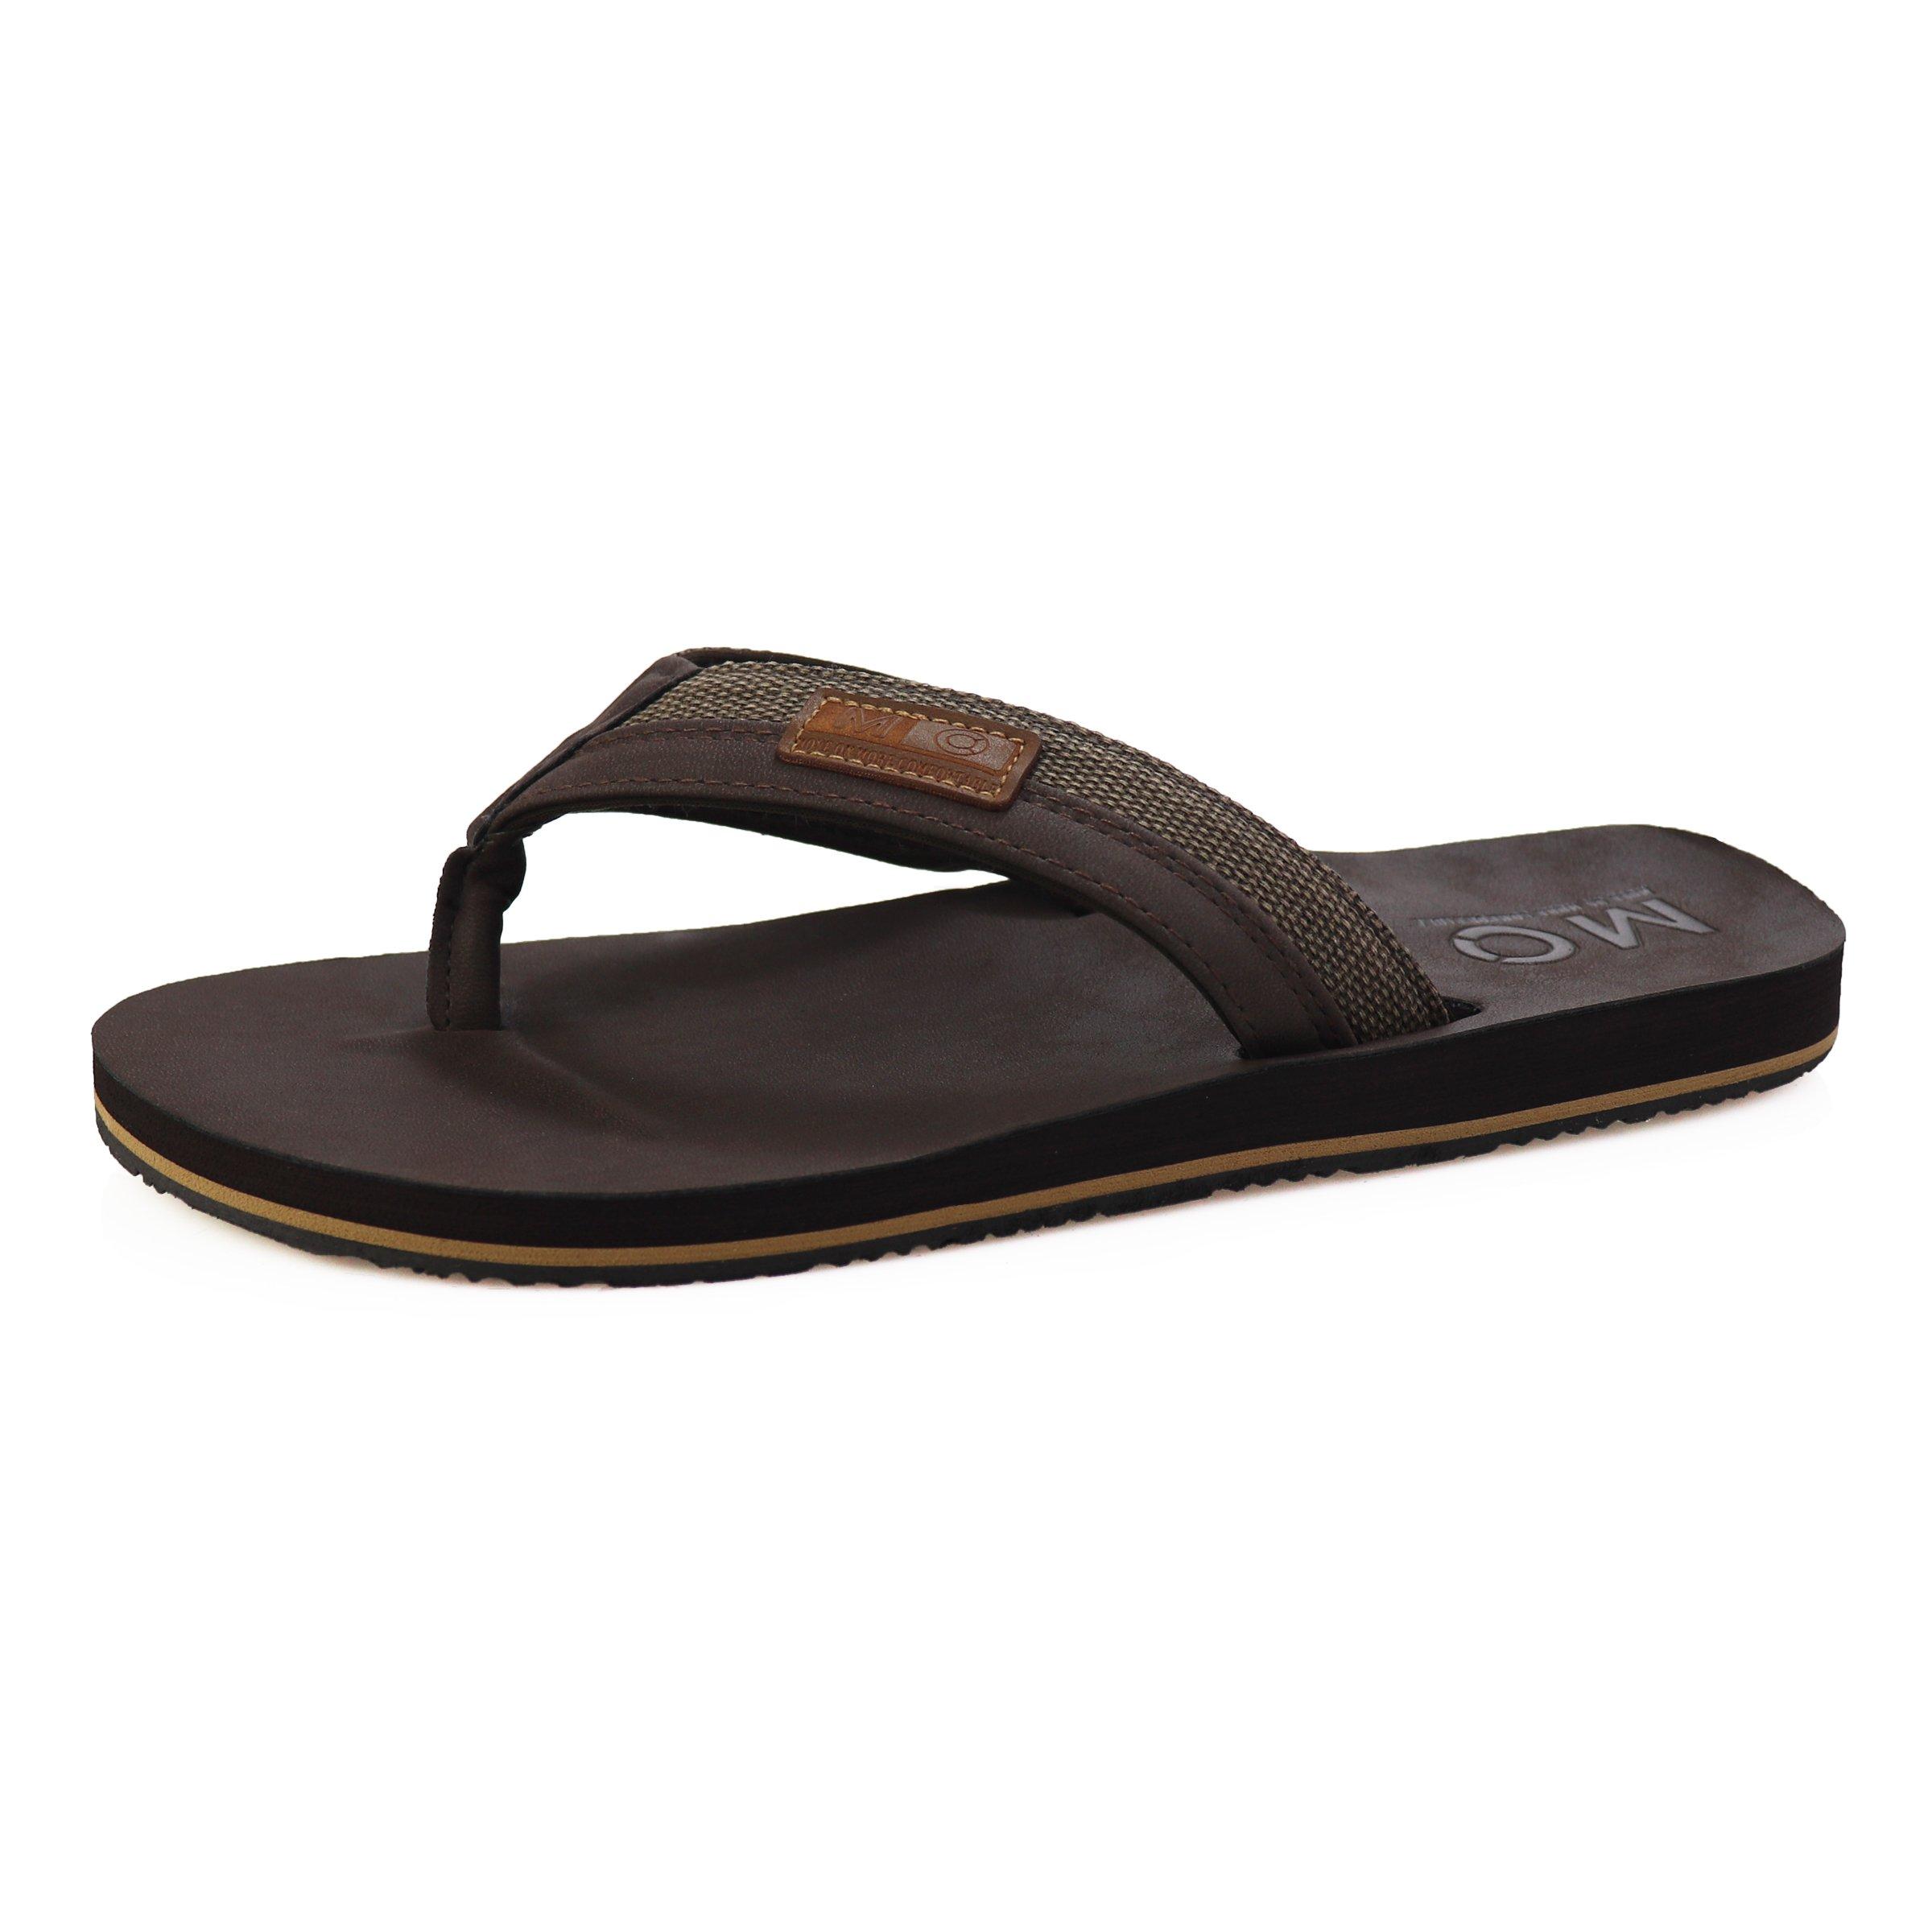 Men's Flip Flops - Light Weight Summer Beach Slippers Thong Sandals for Men